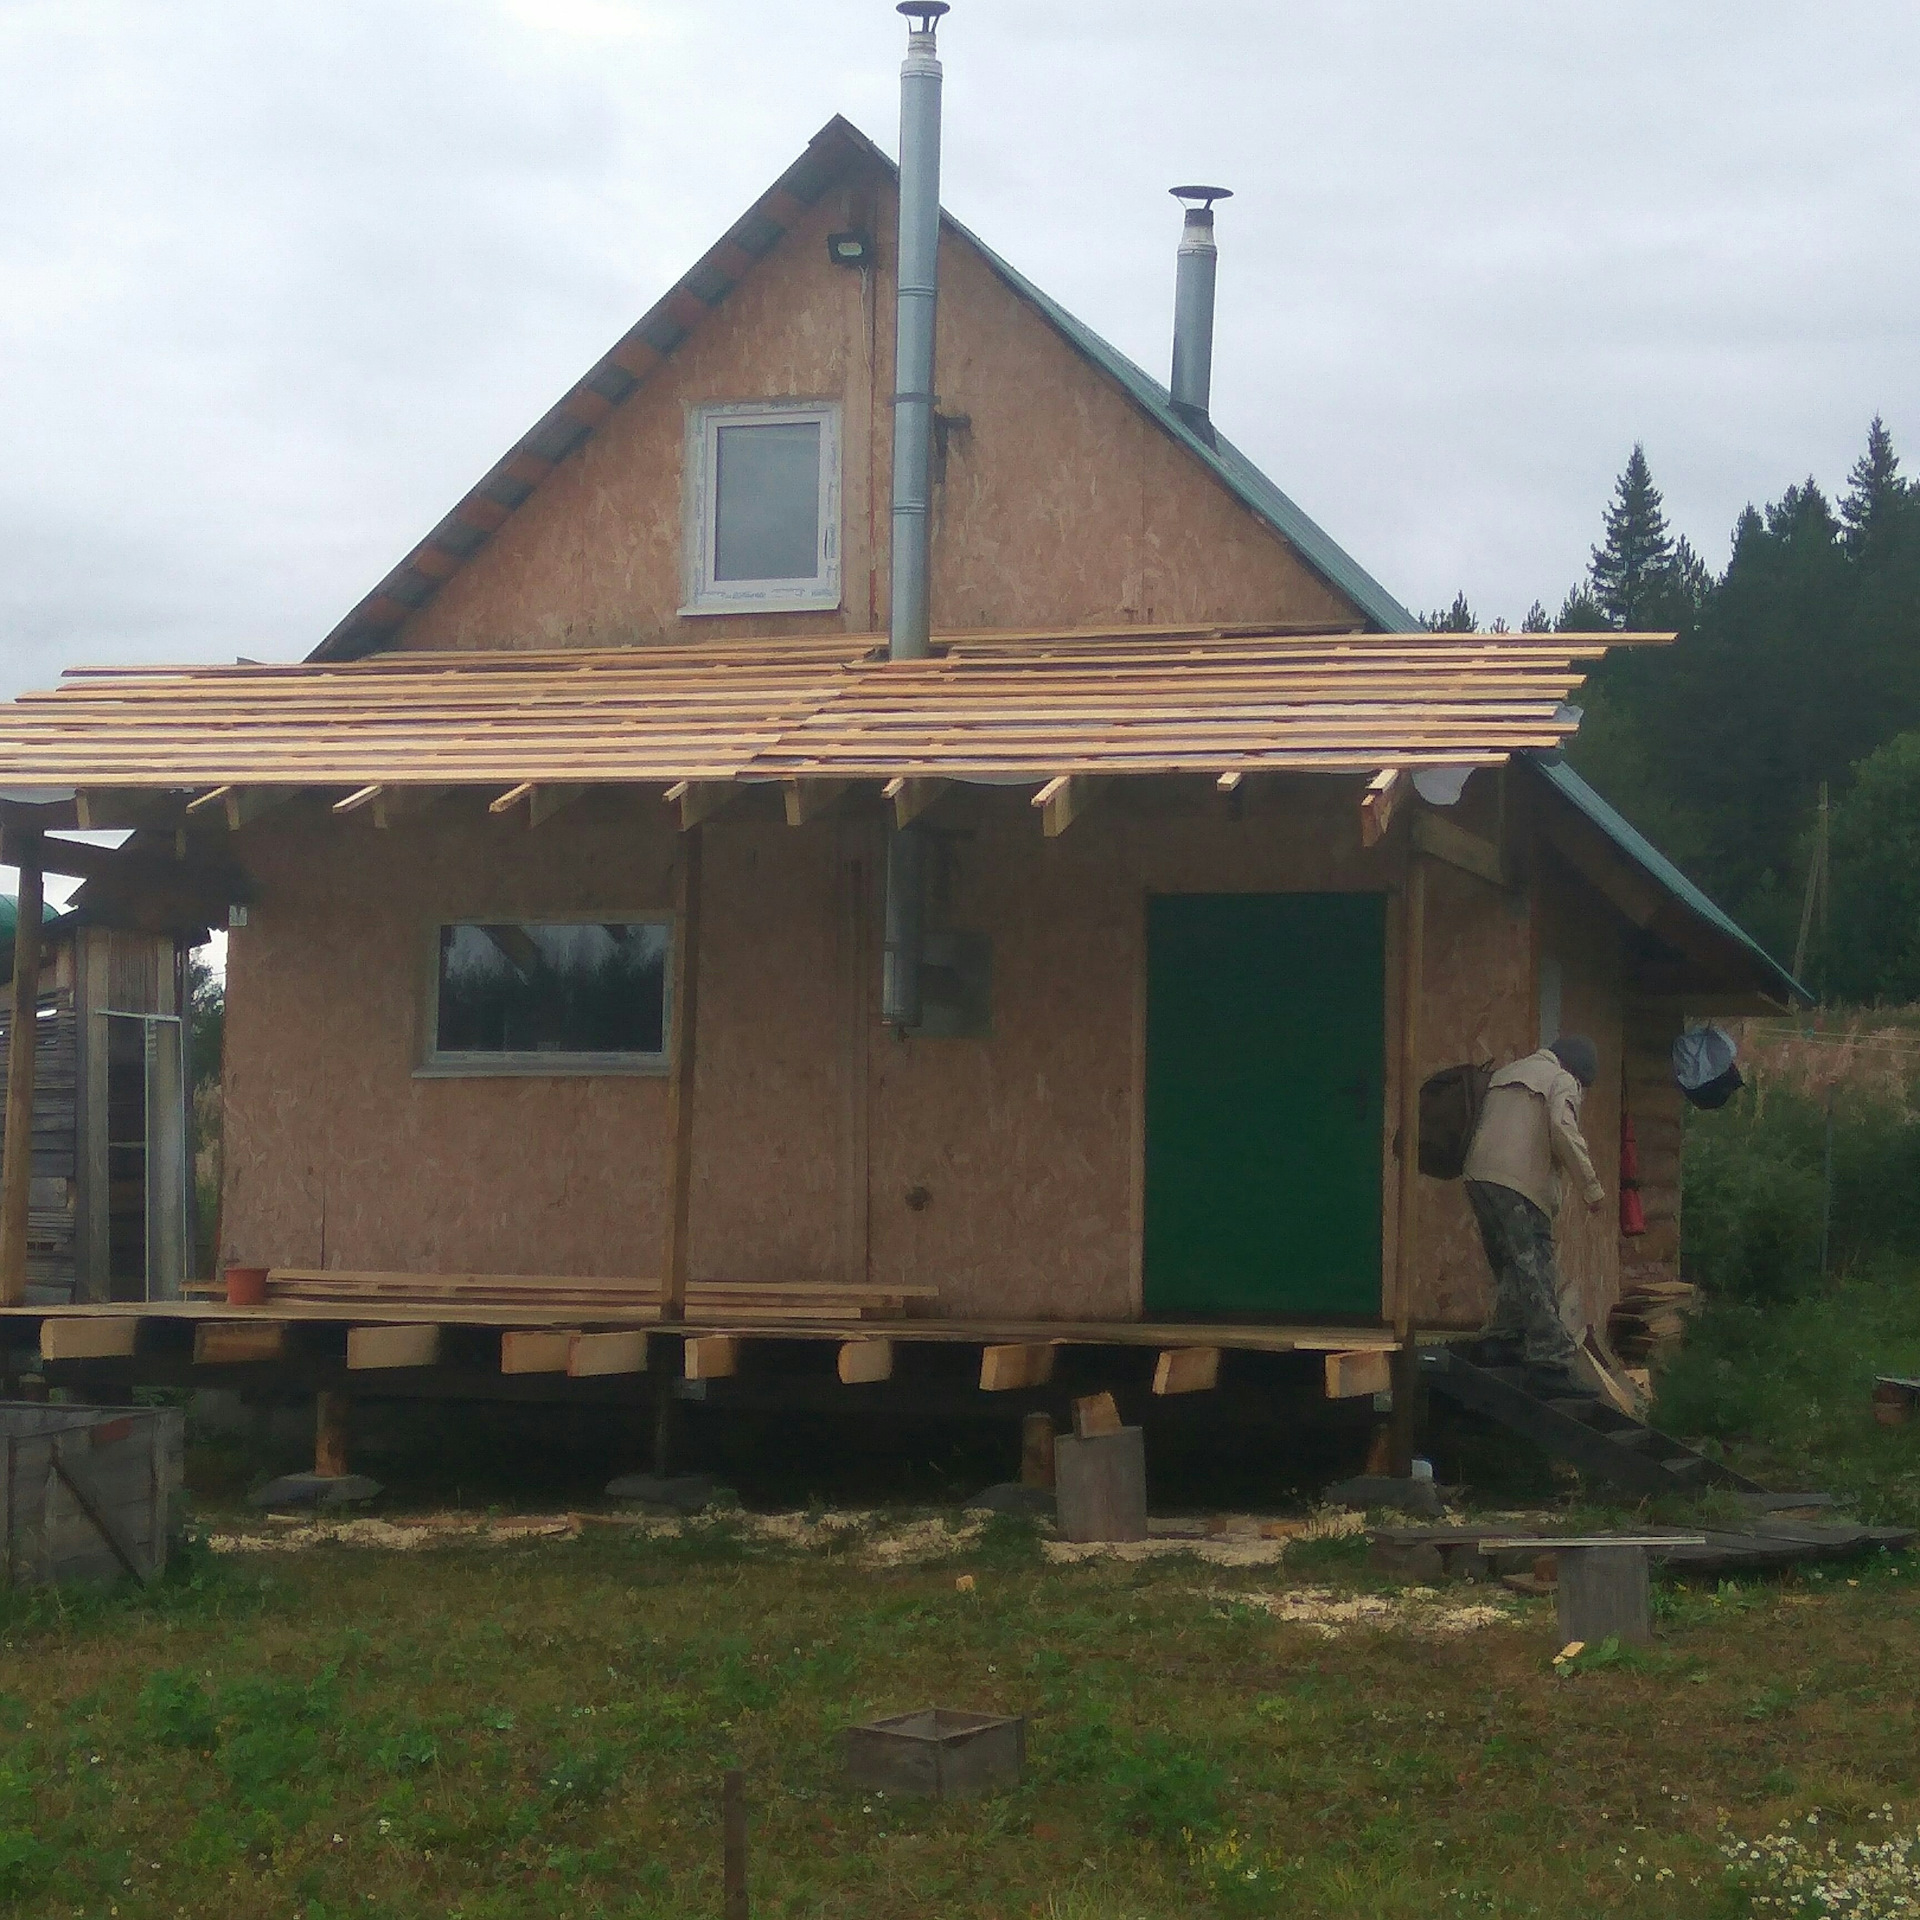 Проекты бани с верандой под одной крышей (71 фото): планировка дома-бани с зоной для барбекю, идеи двухэтажной конструкции с местом для отдыха, обустройство площади 3х6 и 5х6 м своими руками